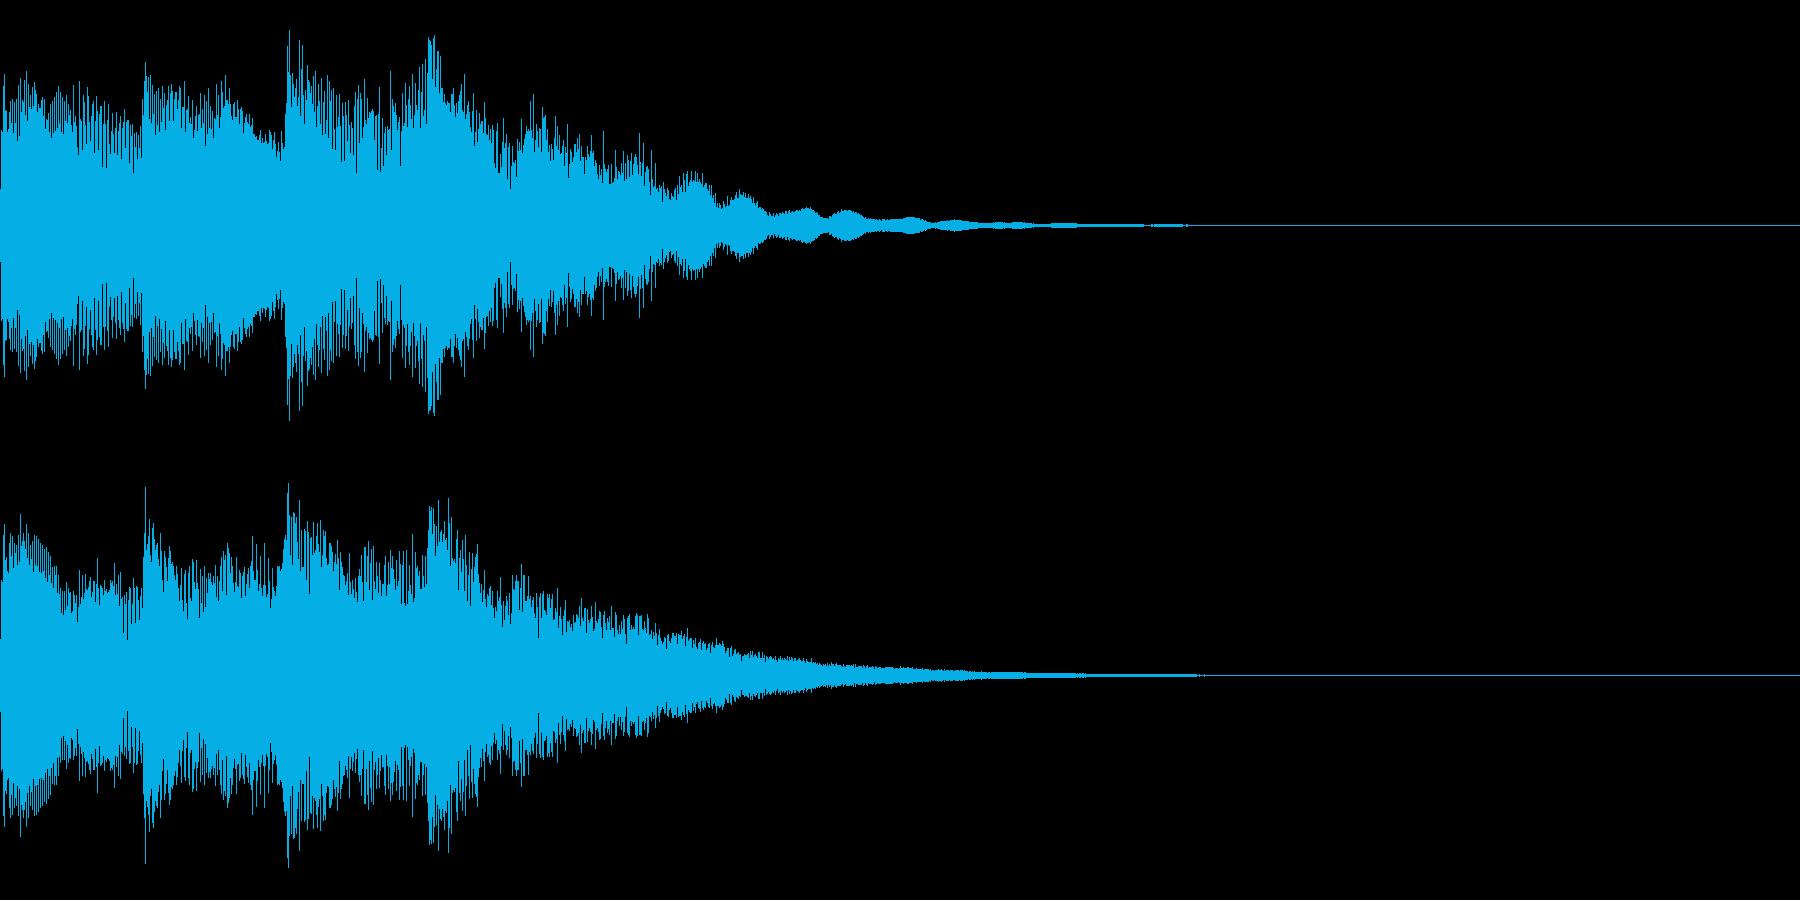 キンコンカンキーン(明るい電子効果音)の再生済みの波形